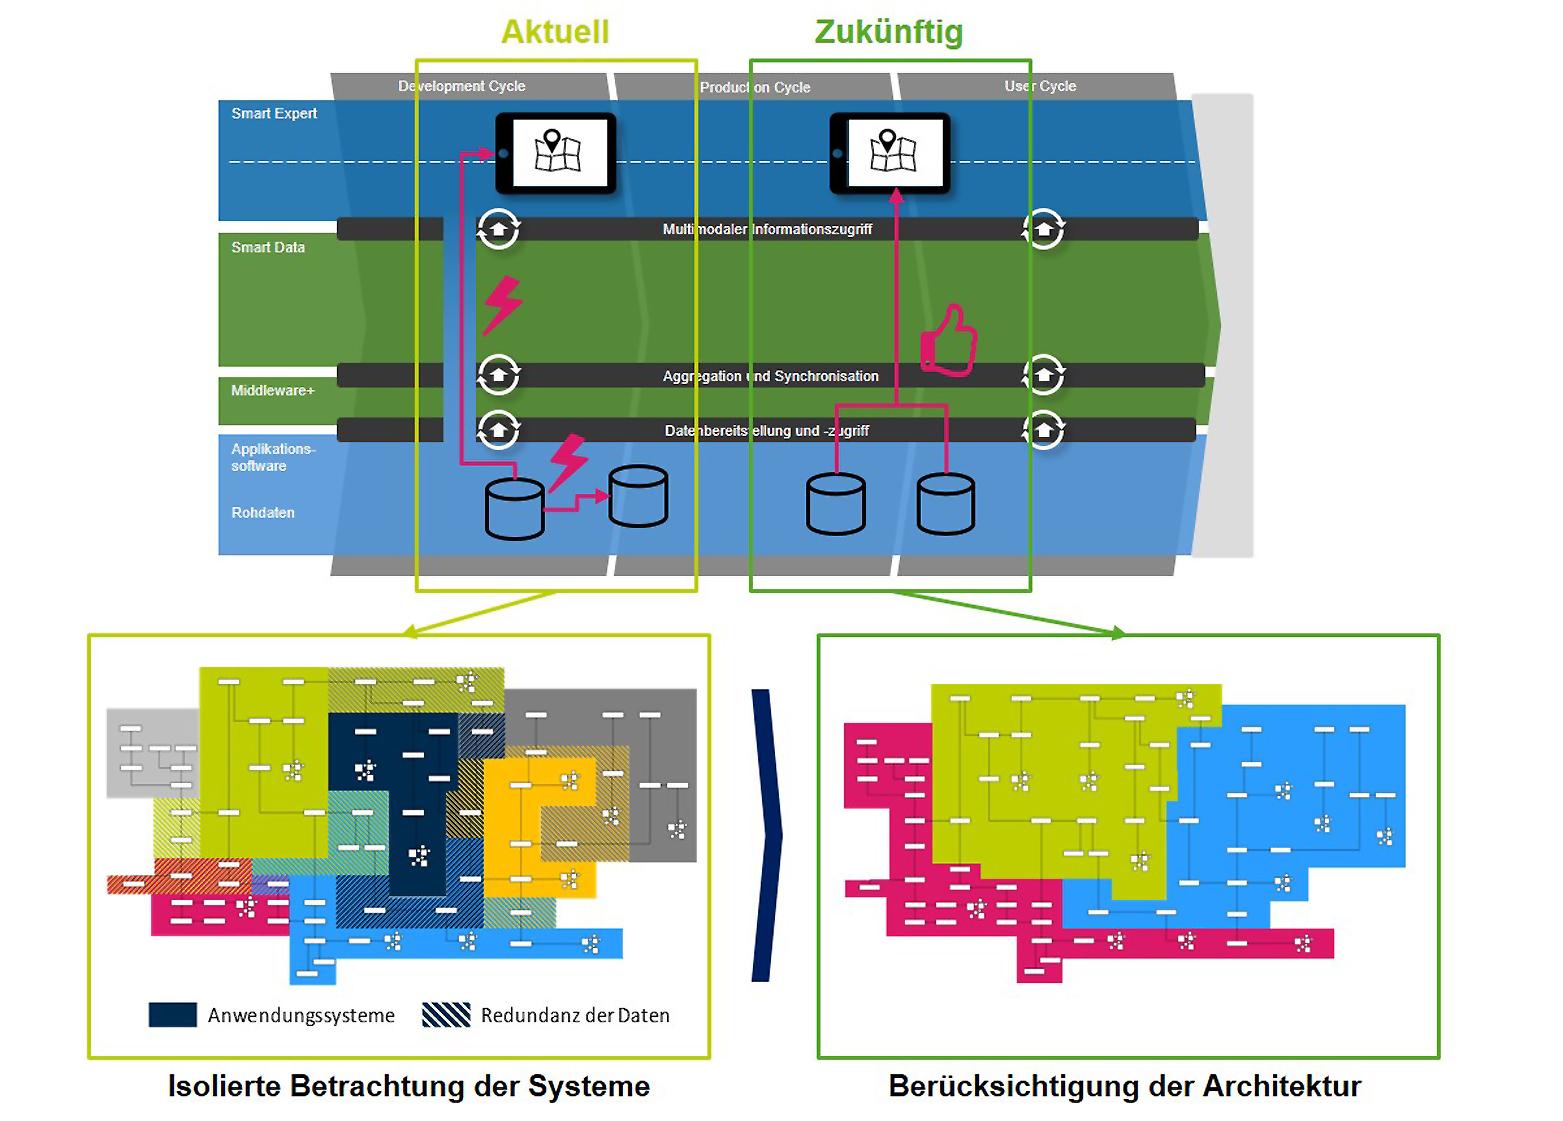 Homogenisierung der IT-Systemlandschaft innerhalb des Digital Architecture Managements, FIR e. V. an der RWTH Aachen (Bild: FIR e. V. an der RWTH Aachen)